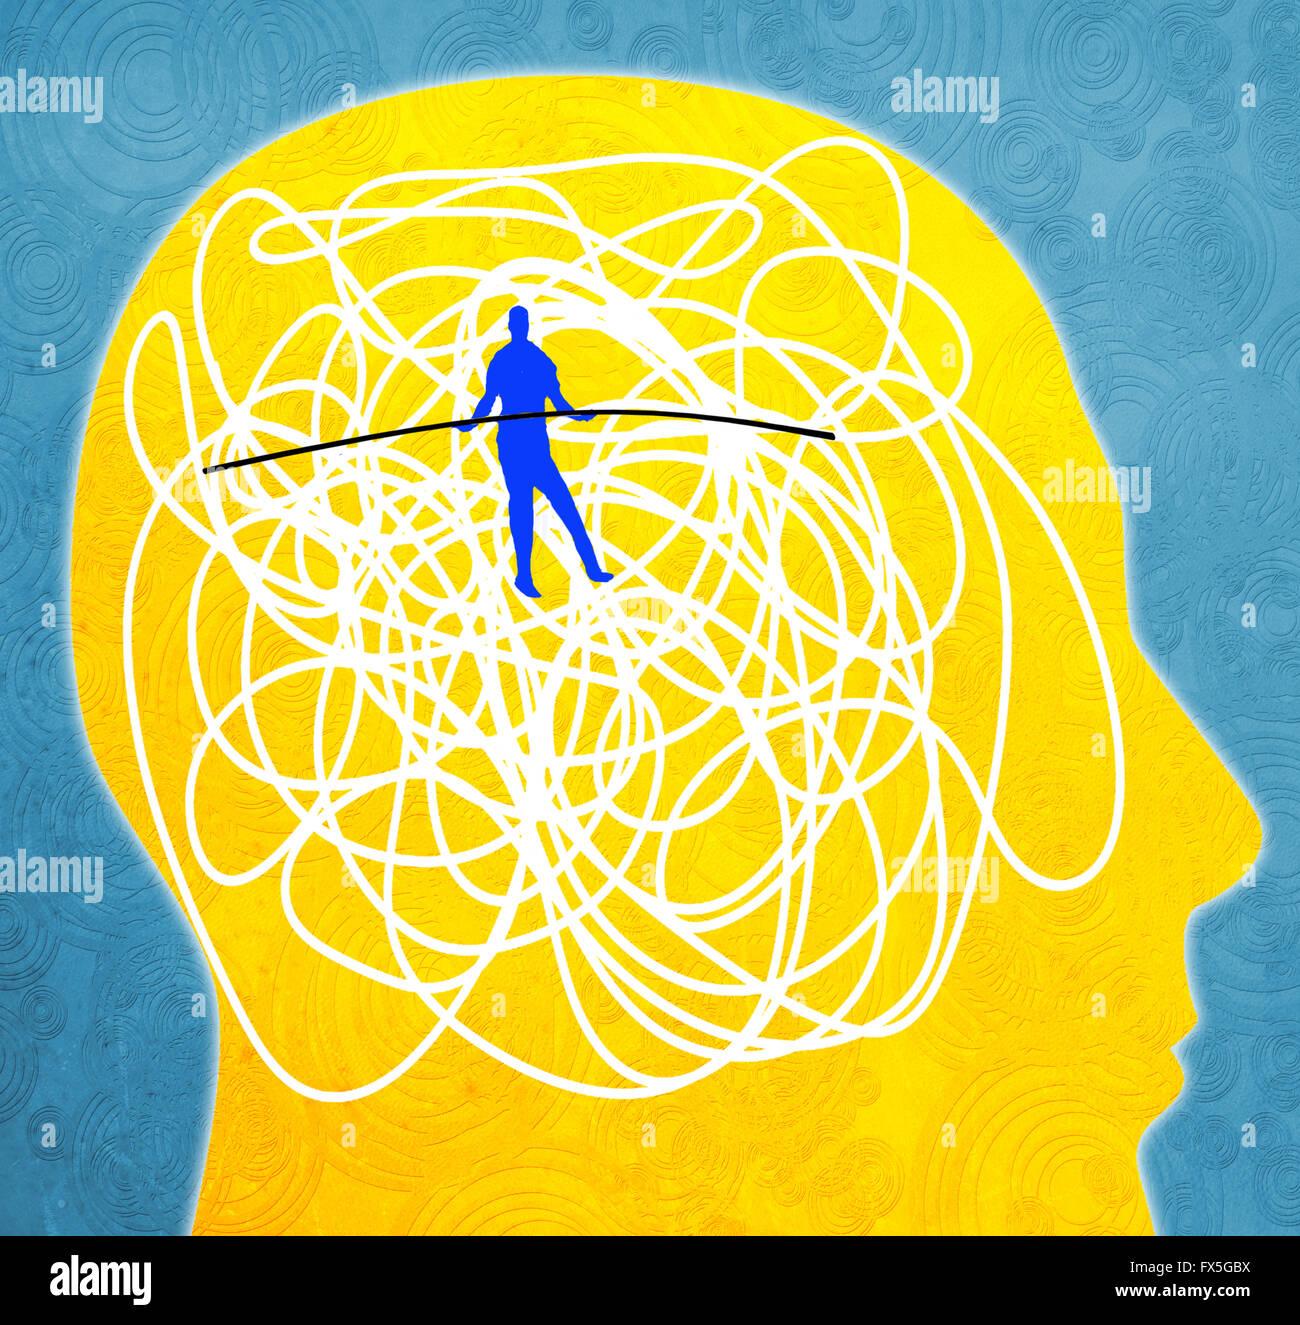 Disordine mentale concetto illustrazione digitale con funambolo Immagini Stock